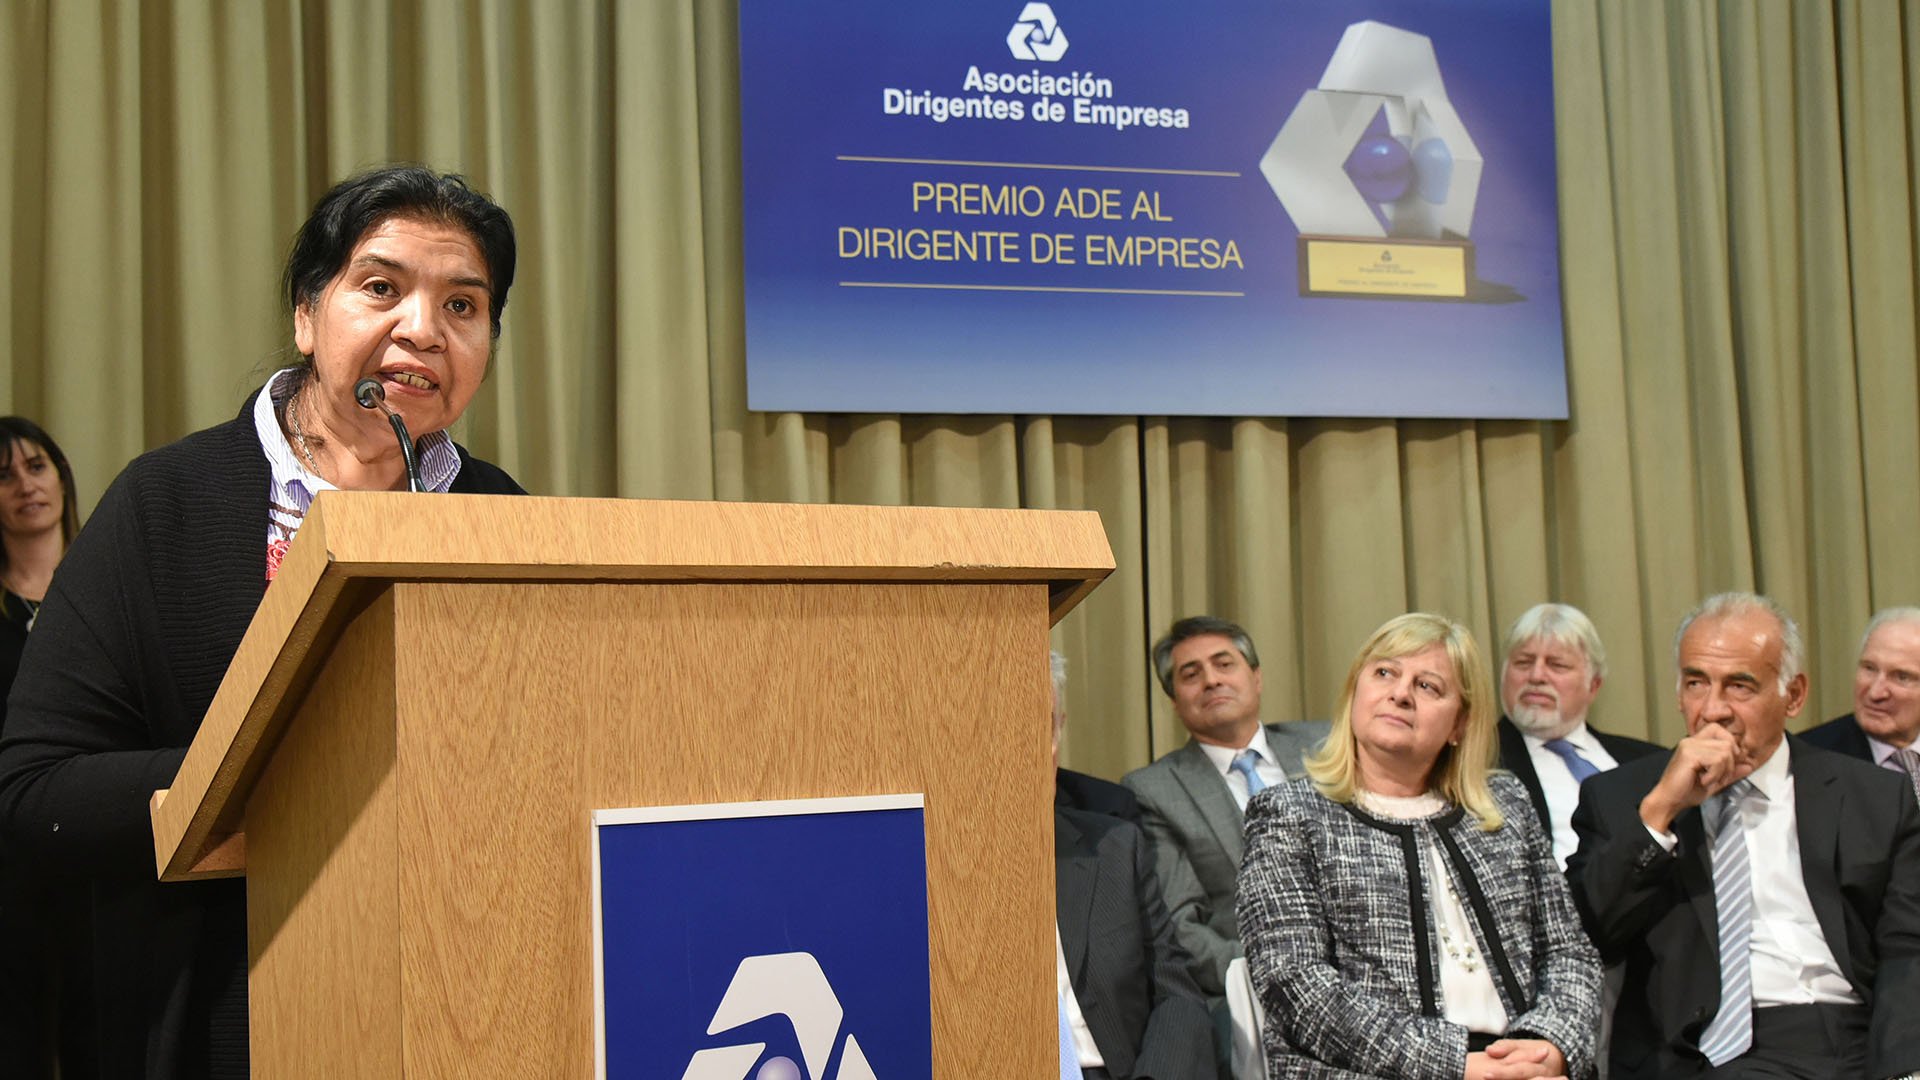 El Premio ADE tiene una larga trayectoria y es otorgado a personalidades del mundo empresario de la Argentina, vinculadas a organizaciones con y sin fines de lucro /// Fotos: Lanusse Consultores